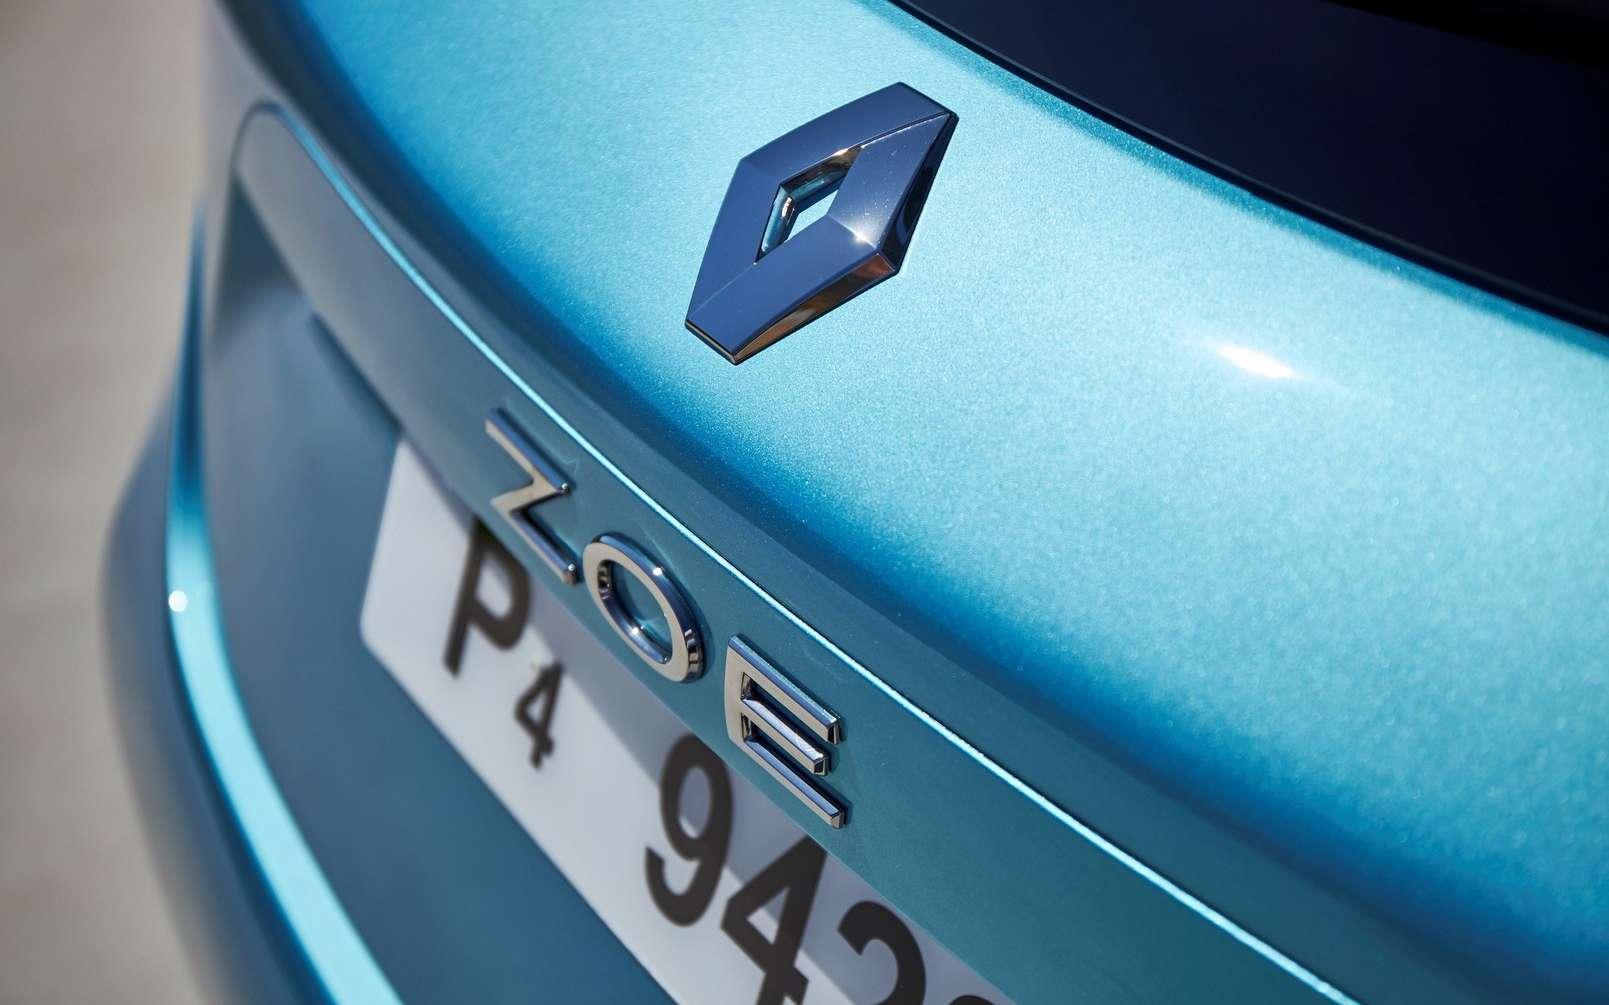 La Renault Zoe reste la voiture électrique préférée des Français. © Renault